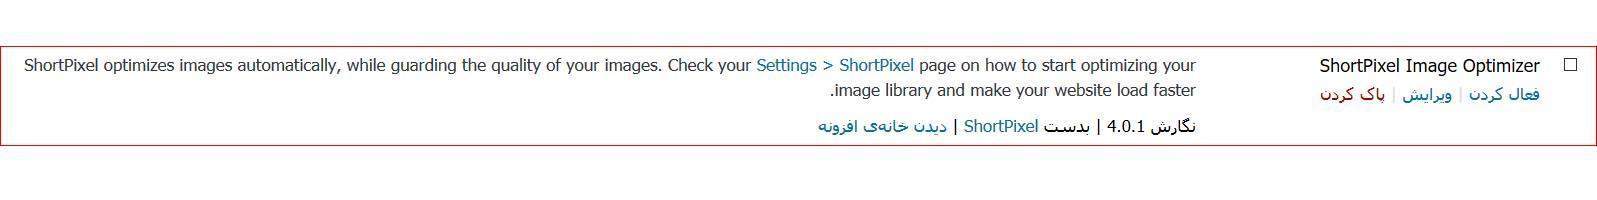 سئو و بهینه سازی تصاویر با ShortPixel